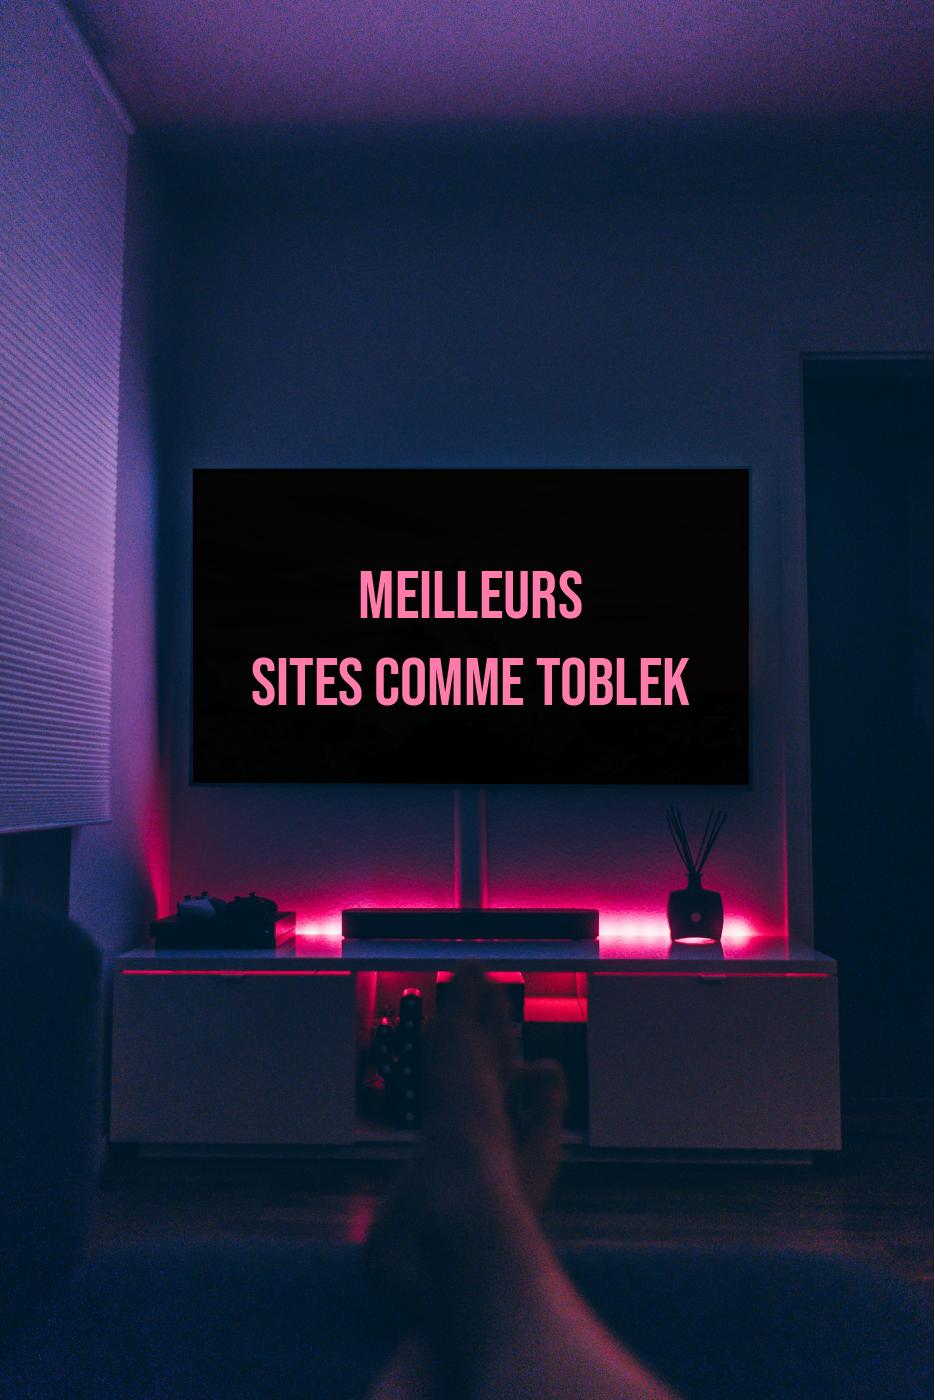 meilleurs sites comme TOBLEK